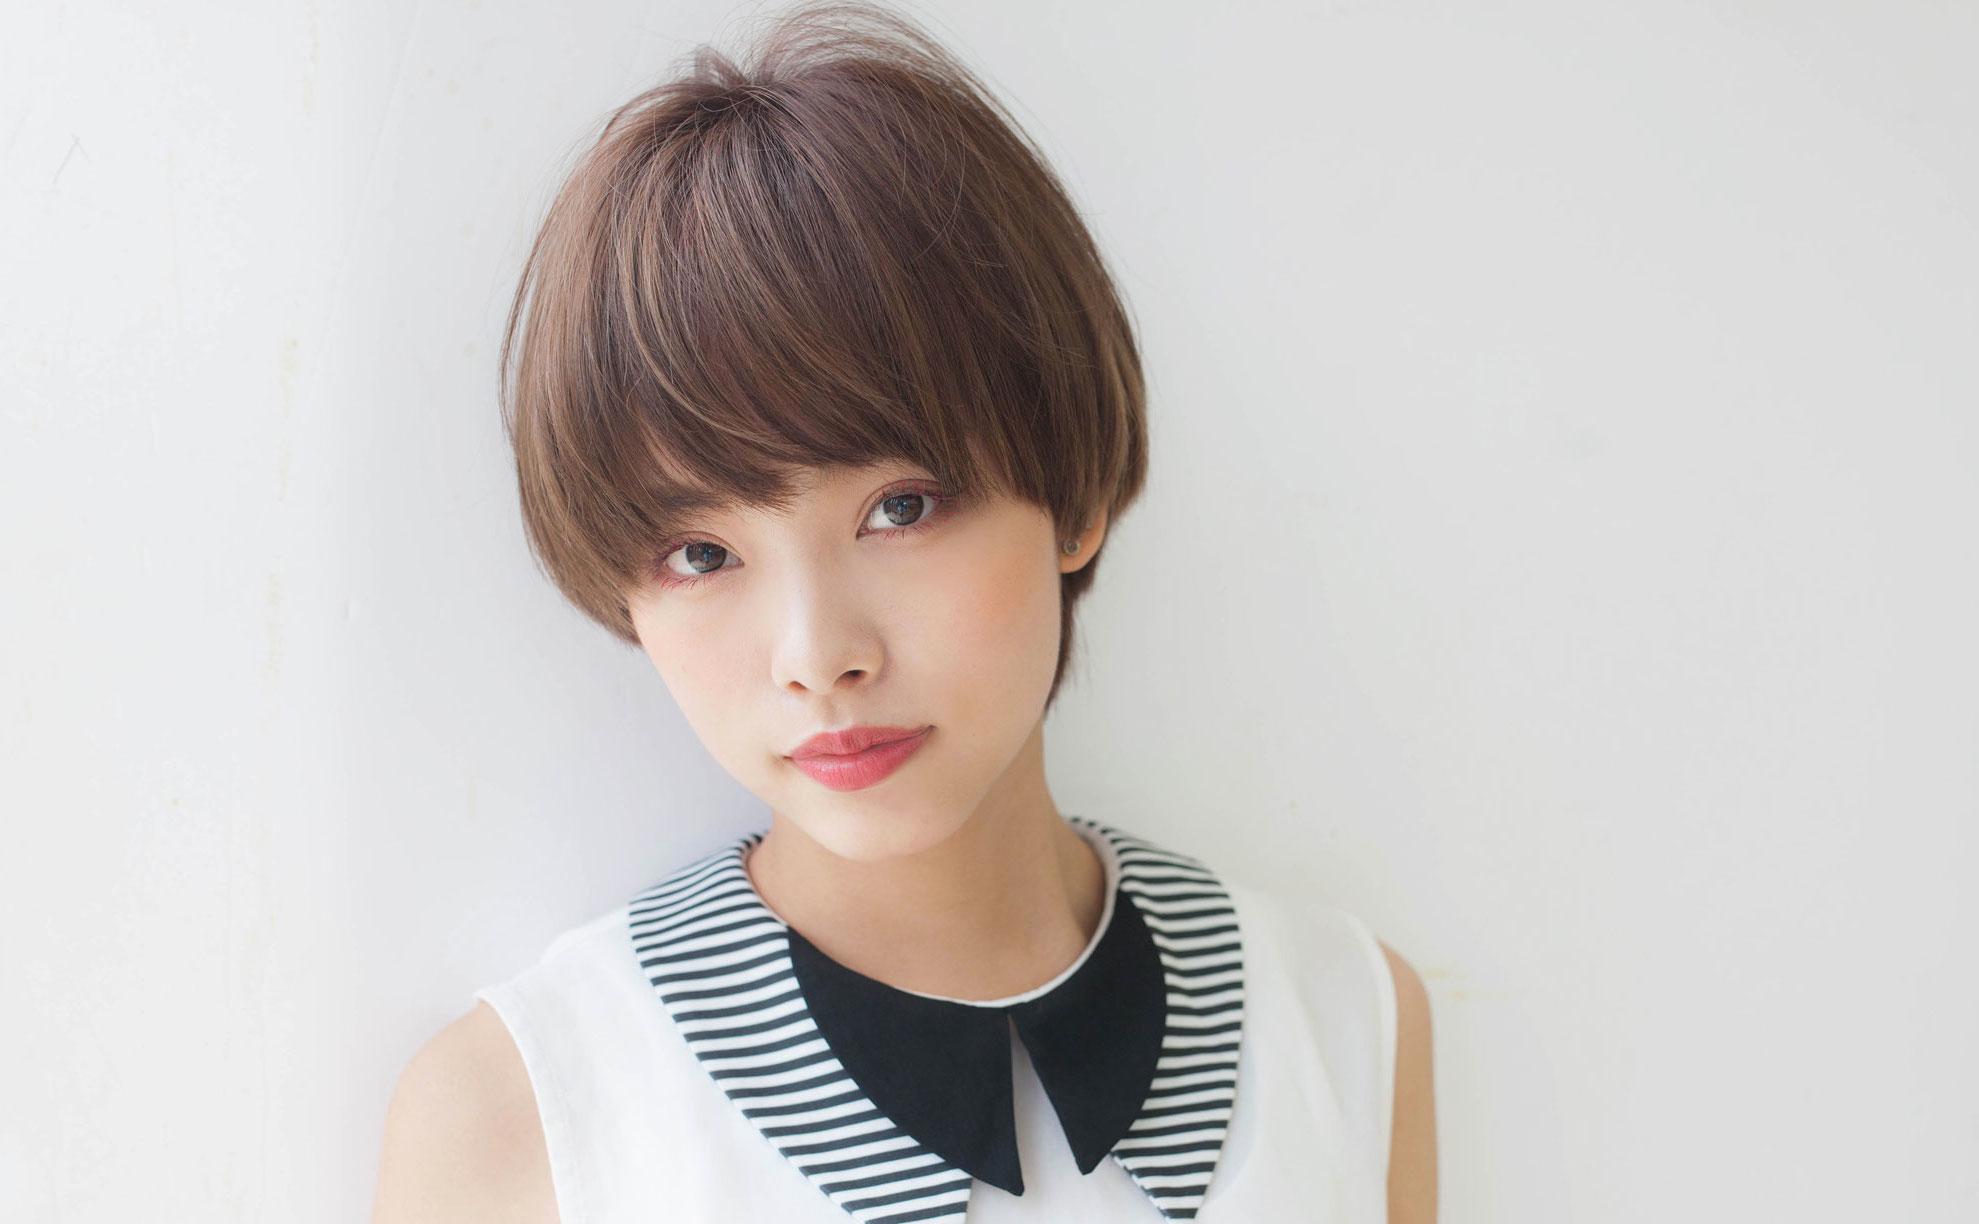 好感度No.1子供から大人まで愛される、黒髪のマッシュルームヘアー☆のサムネイル画像